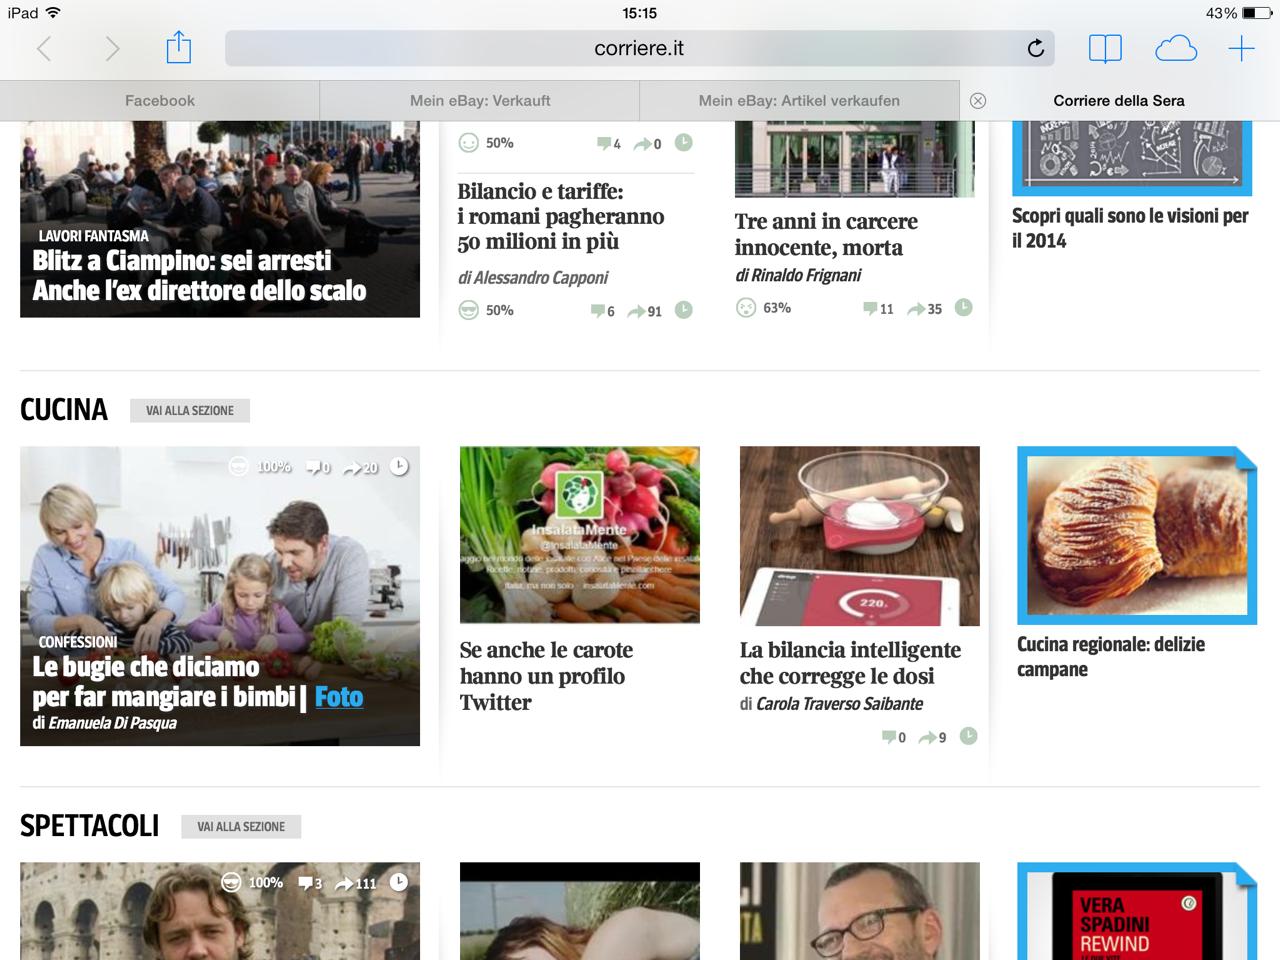 Nella foto si vede la parte della homepage del Corriere che mostra la presenza Twitter di InsalataMente